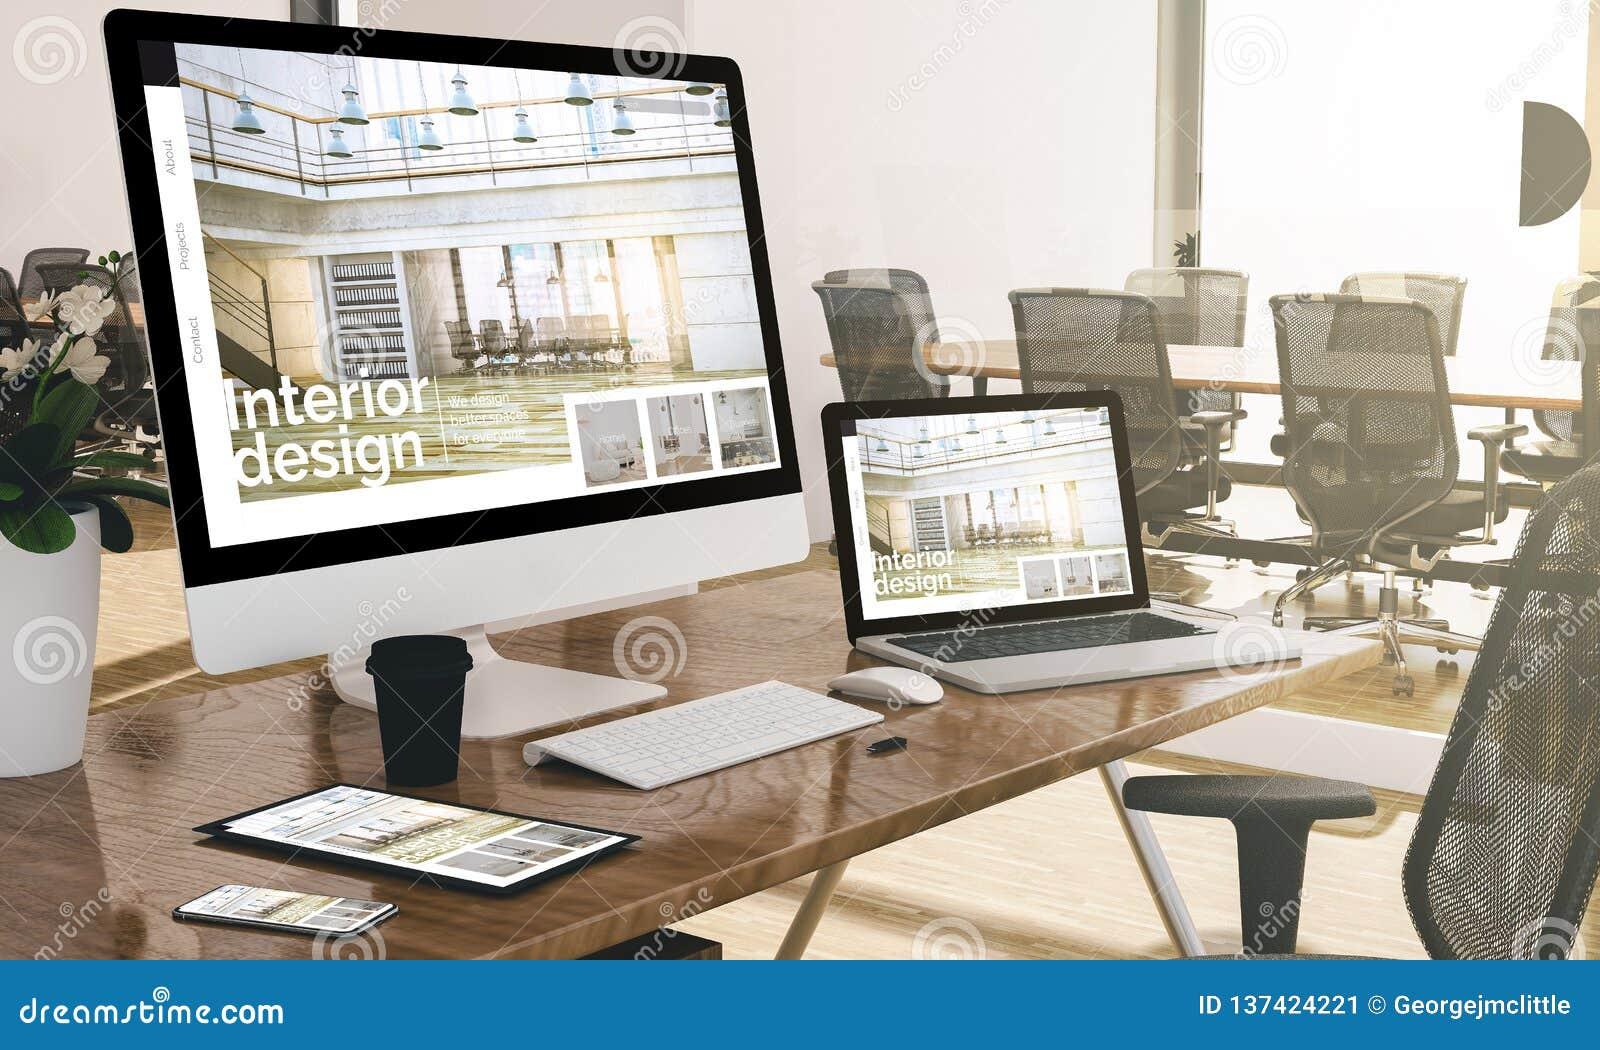 Computador, portátil, tabuleta, e telefone com Web site do design de interiores no modelo do escritório